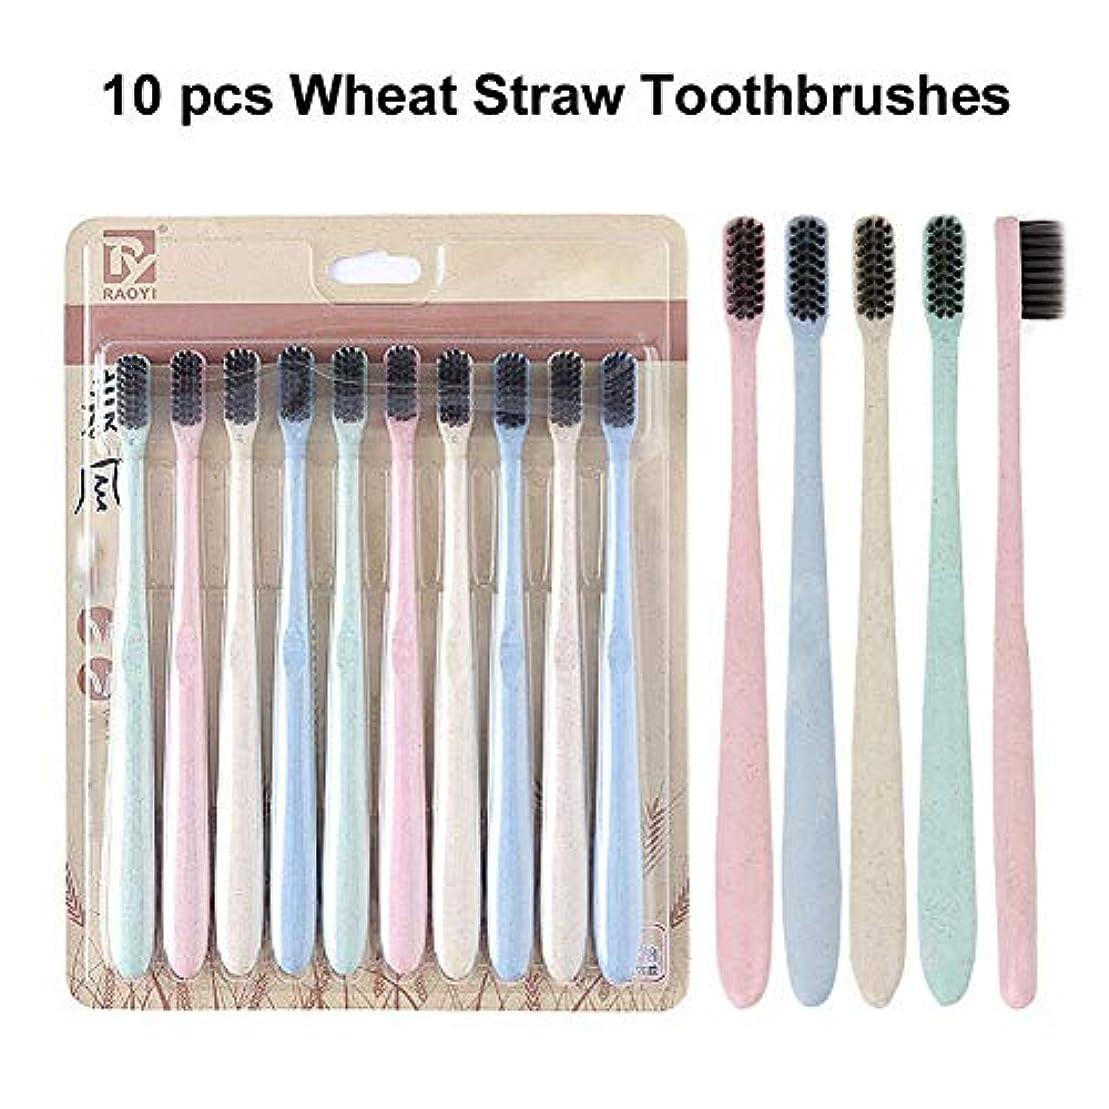 もつれ振りかける式10本の自然小麦わらの歯ブラシの柔らかいタケ木炭ブラシの口頭クリーニング (多色)